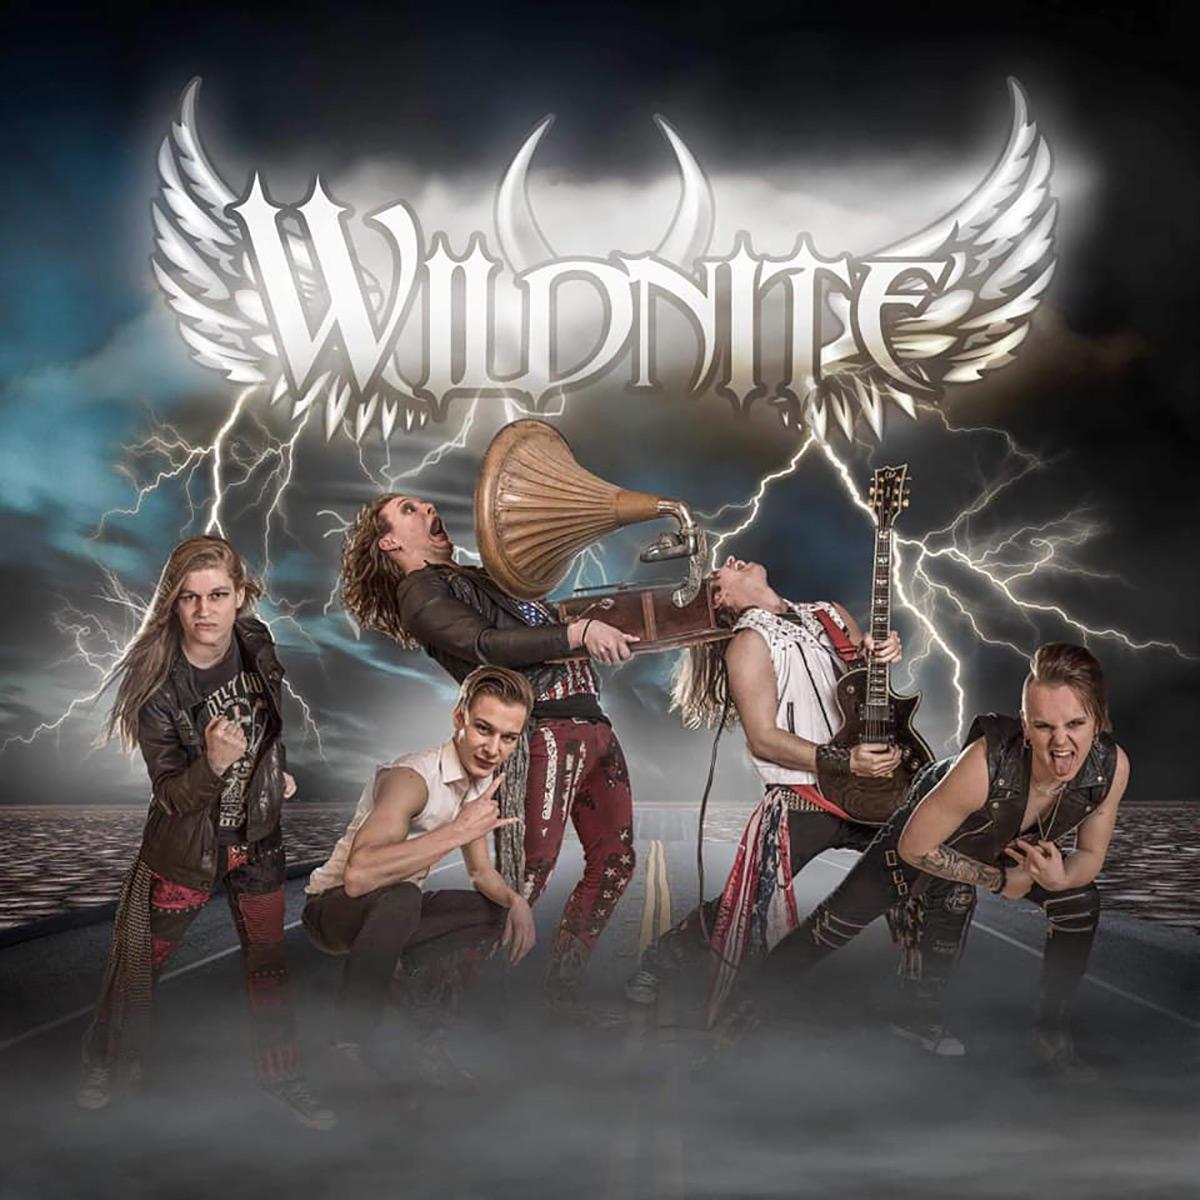 Wildnite